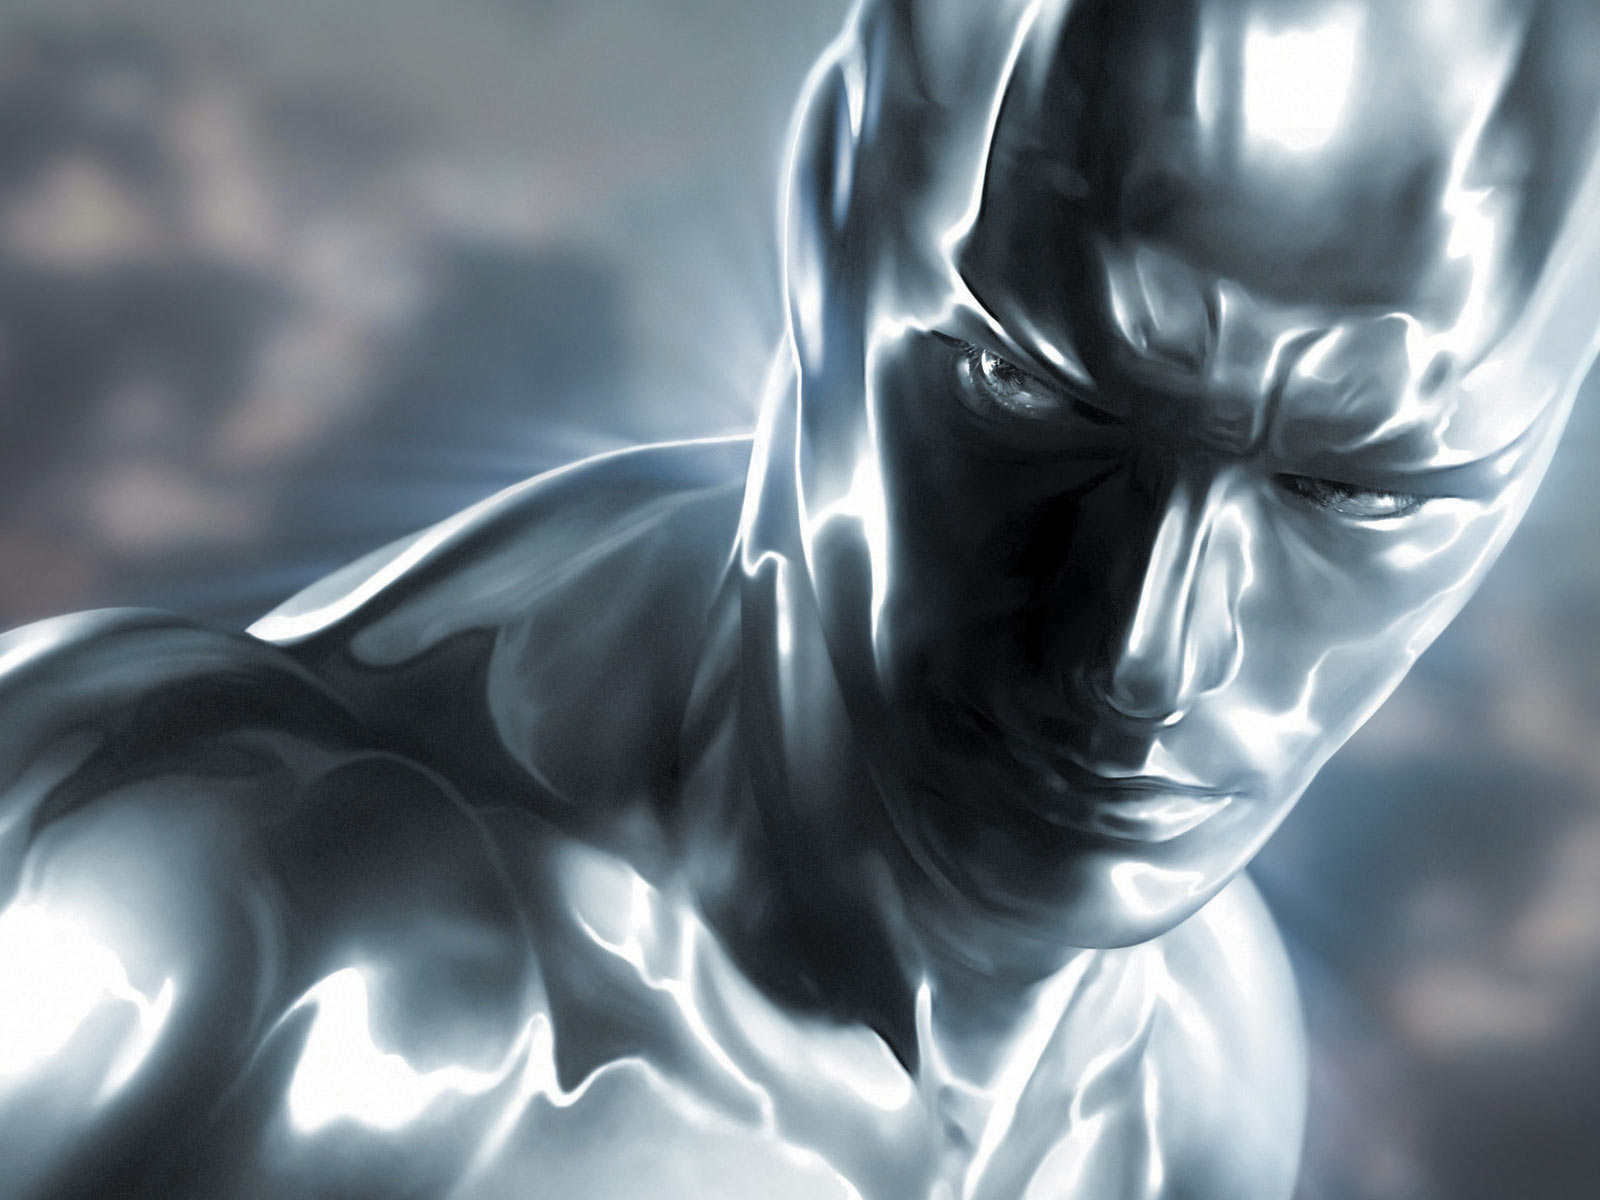 например, идеально сила металла картинки поделитесь